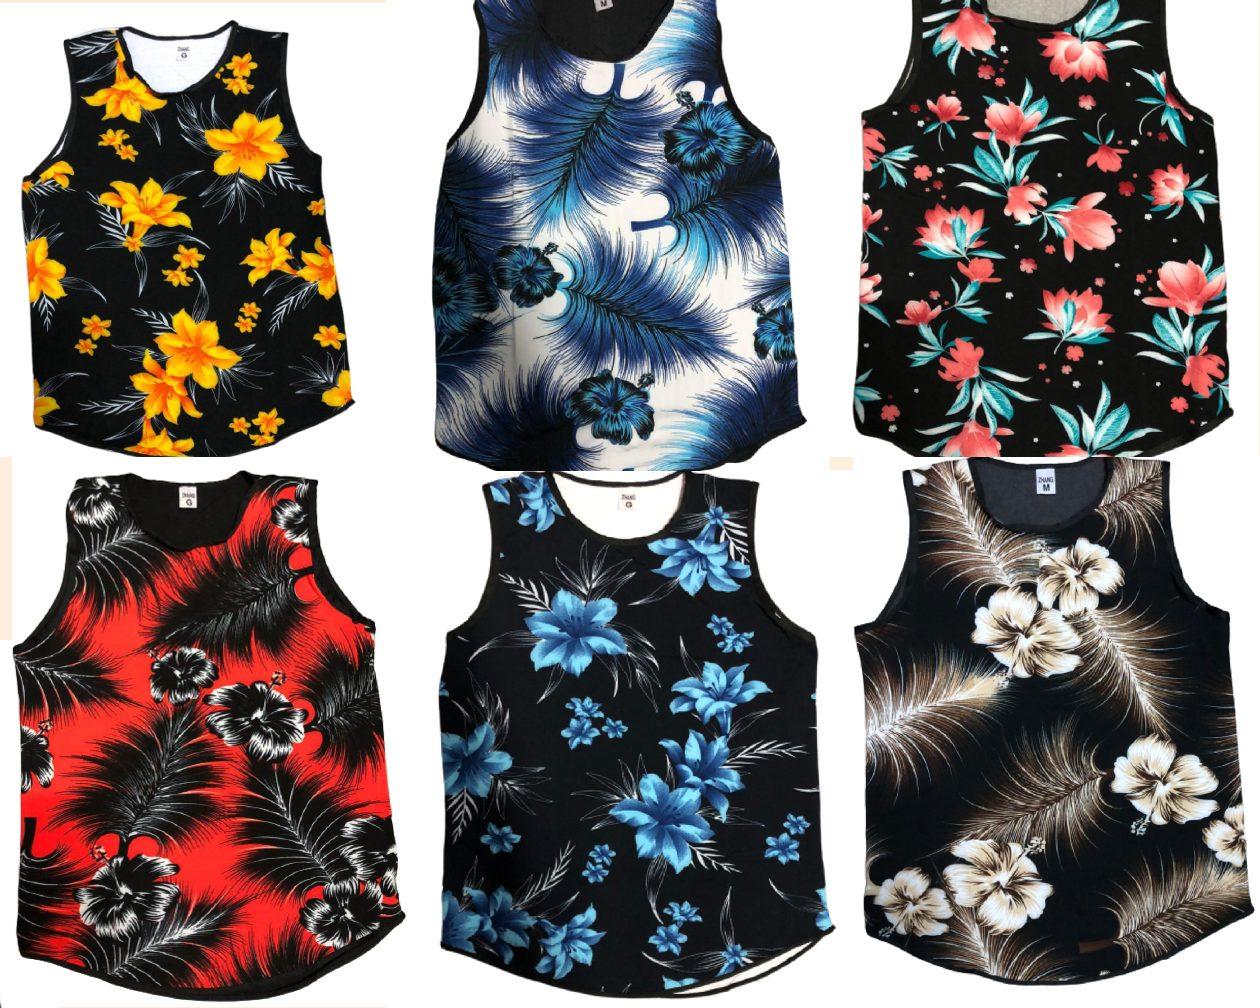 Kit 4 Regatas Camisetas Masculinas Long Ling Swag Florida Estampadas Floral